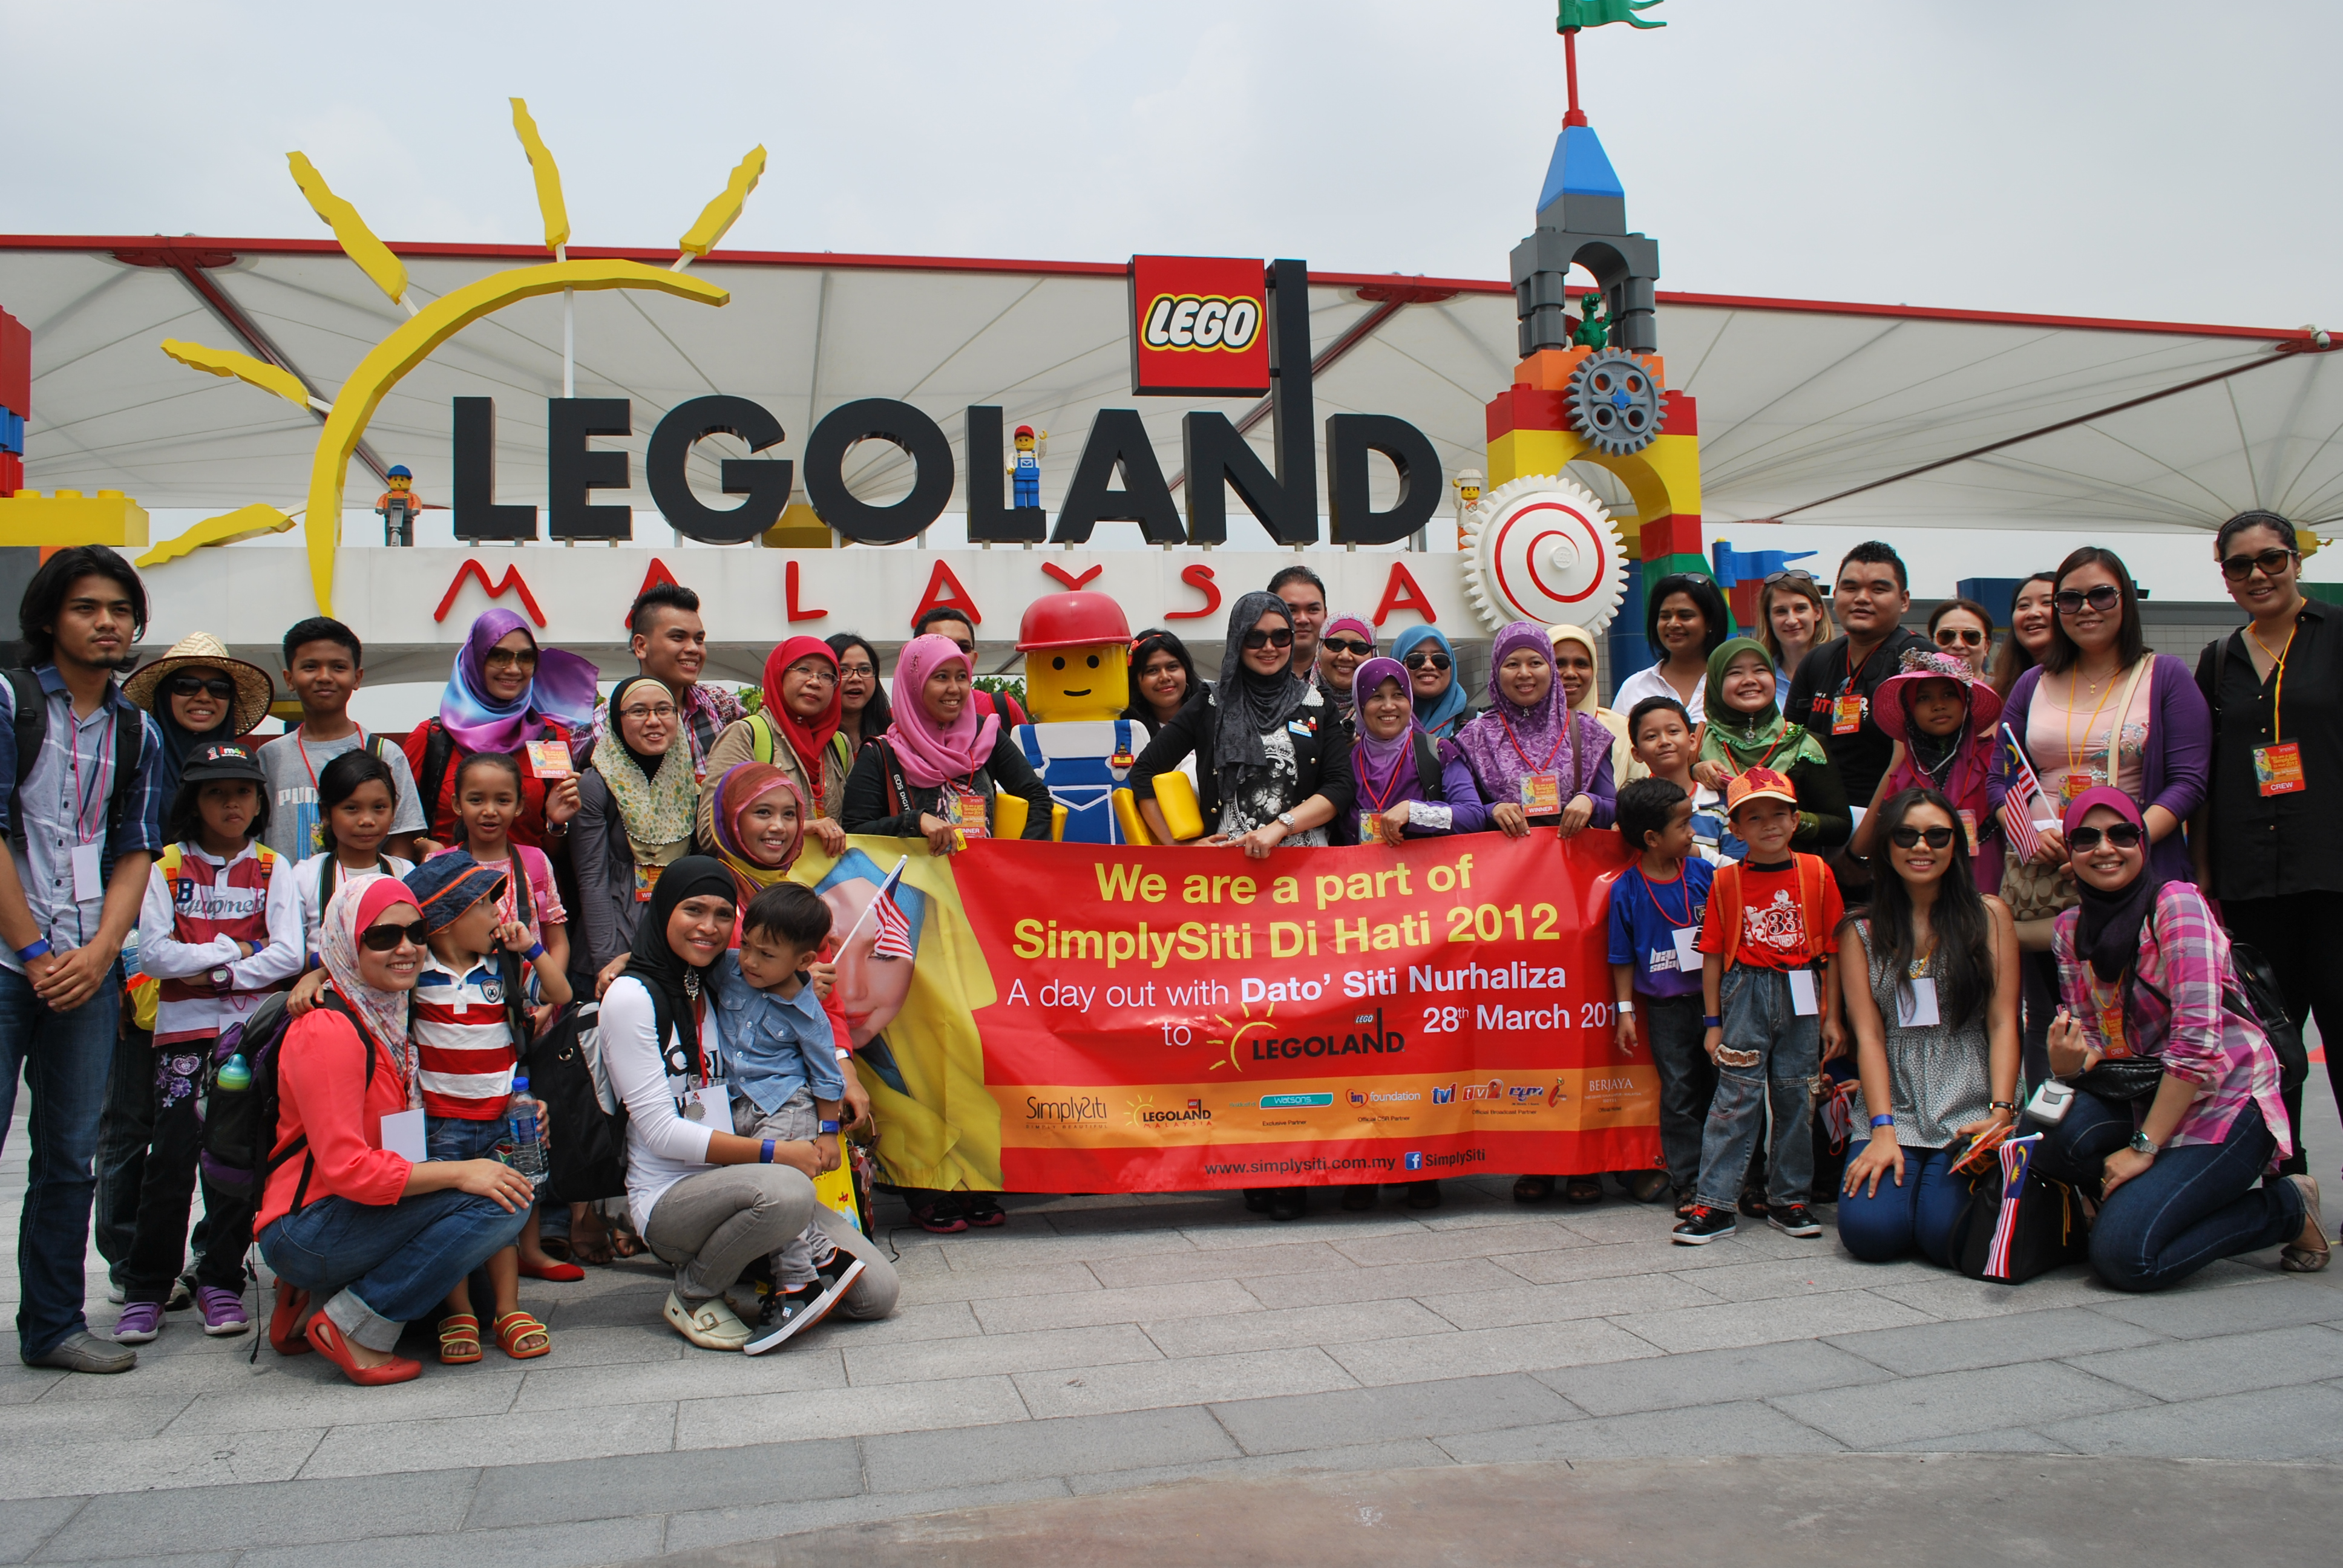 Gambar Dato Siti Nurhaliza & Pengguna SimplySiti di Legoland Malaysia